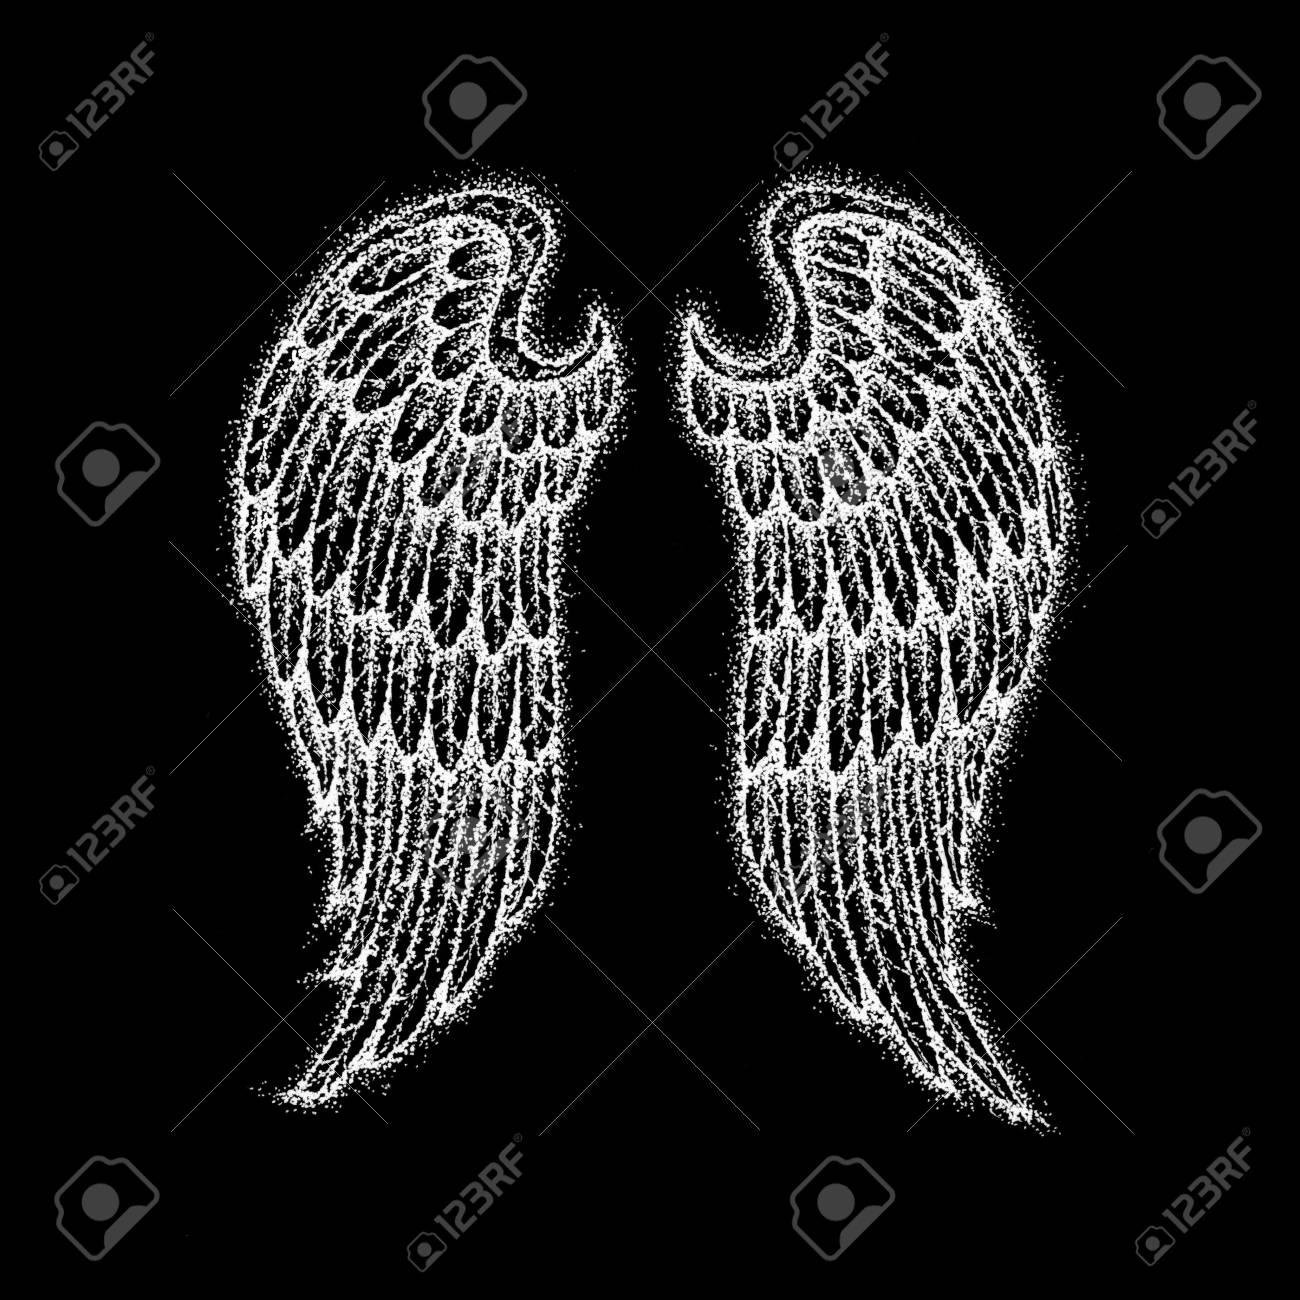 Angel Wings Over Black Raster Illustration Of Boho Style T Shirt